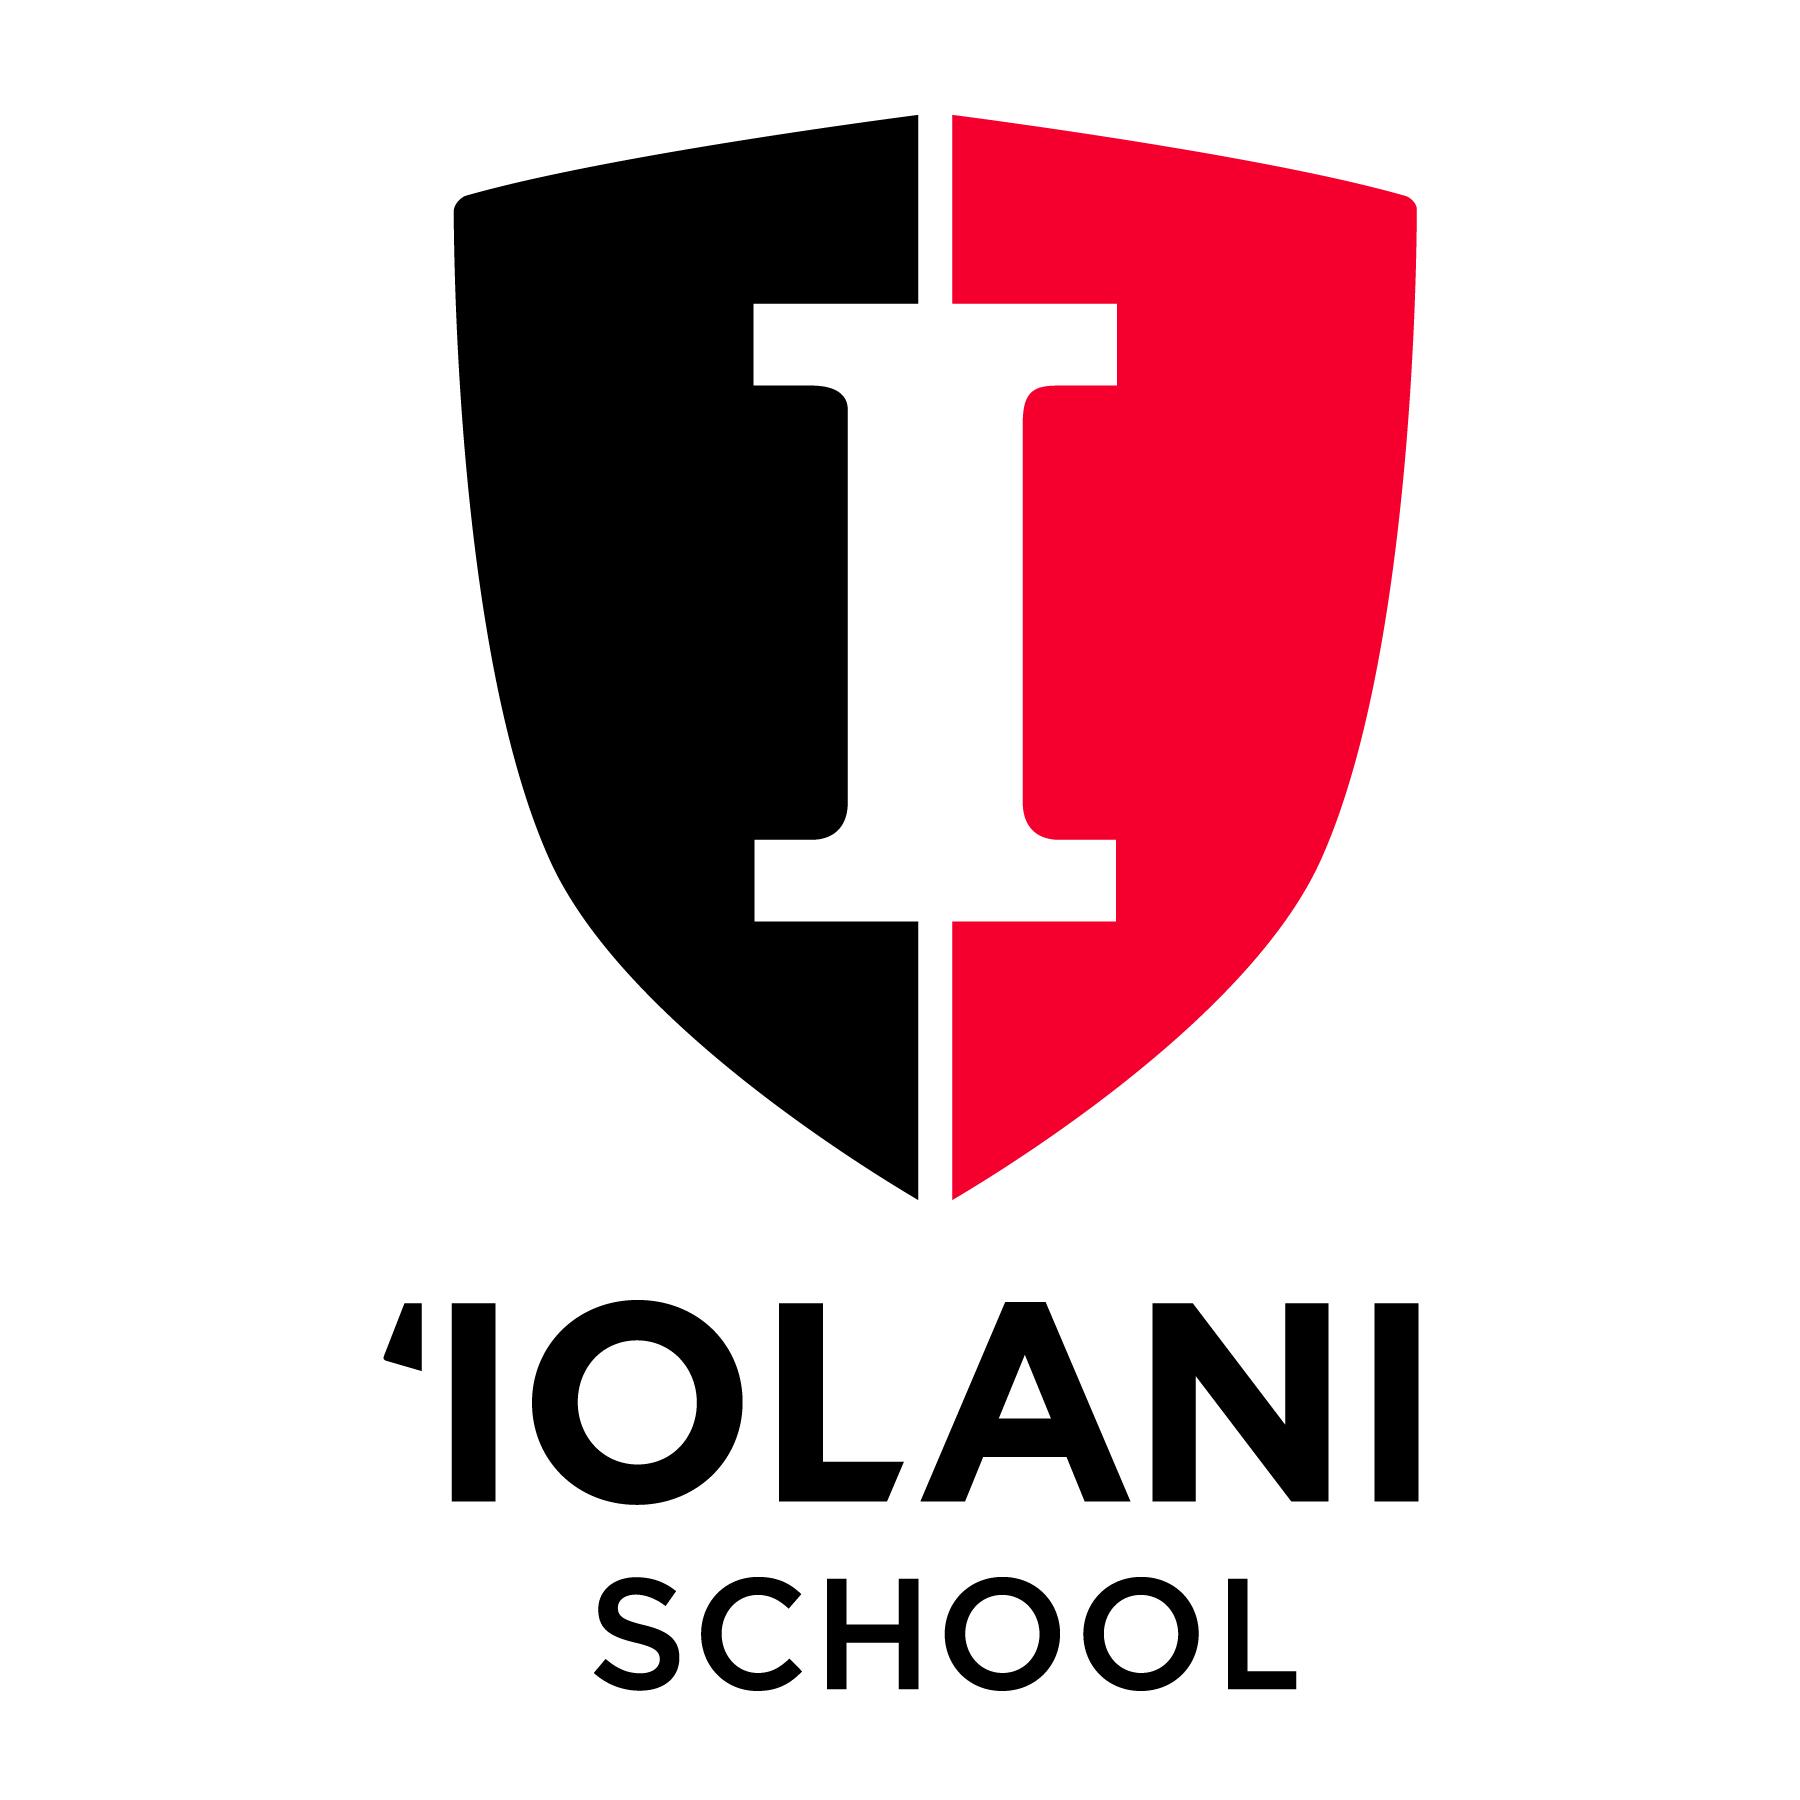 Iolani